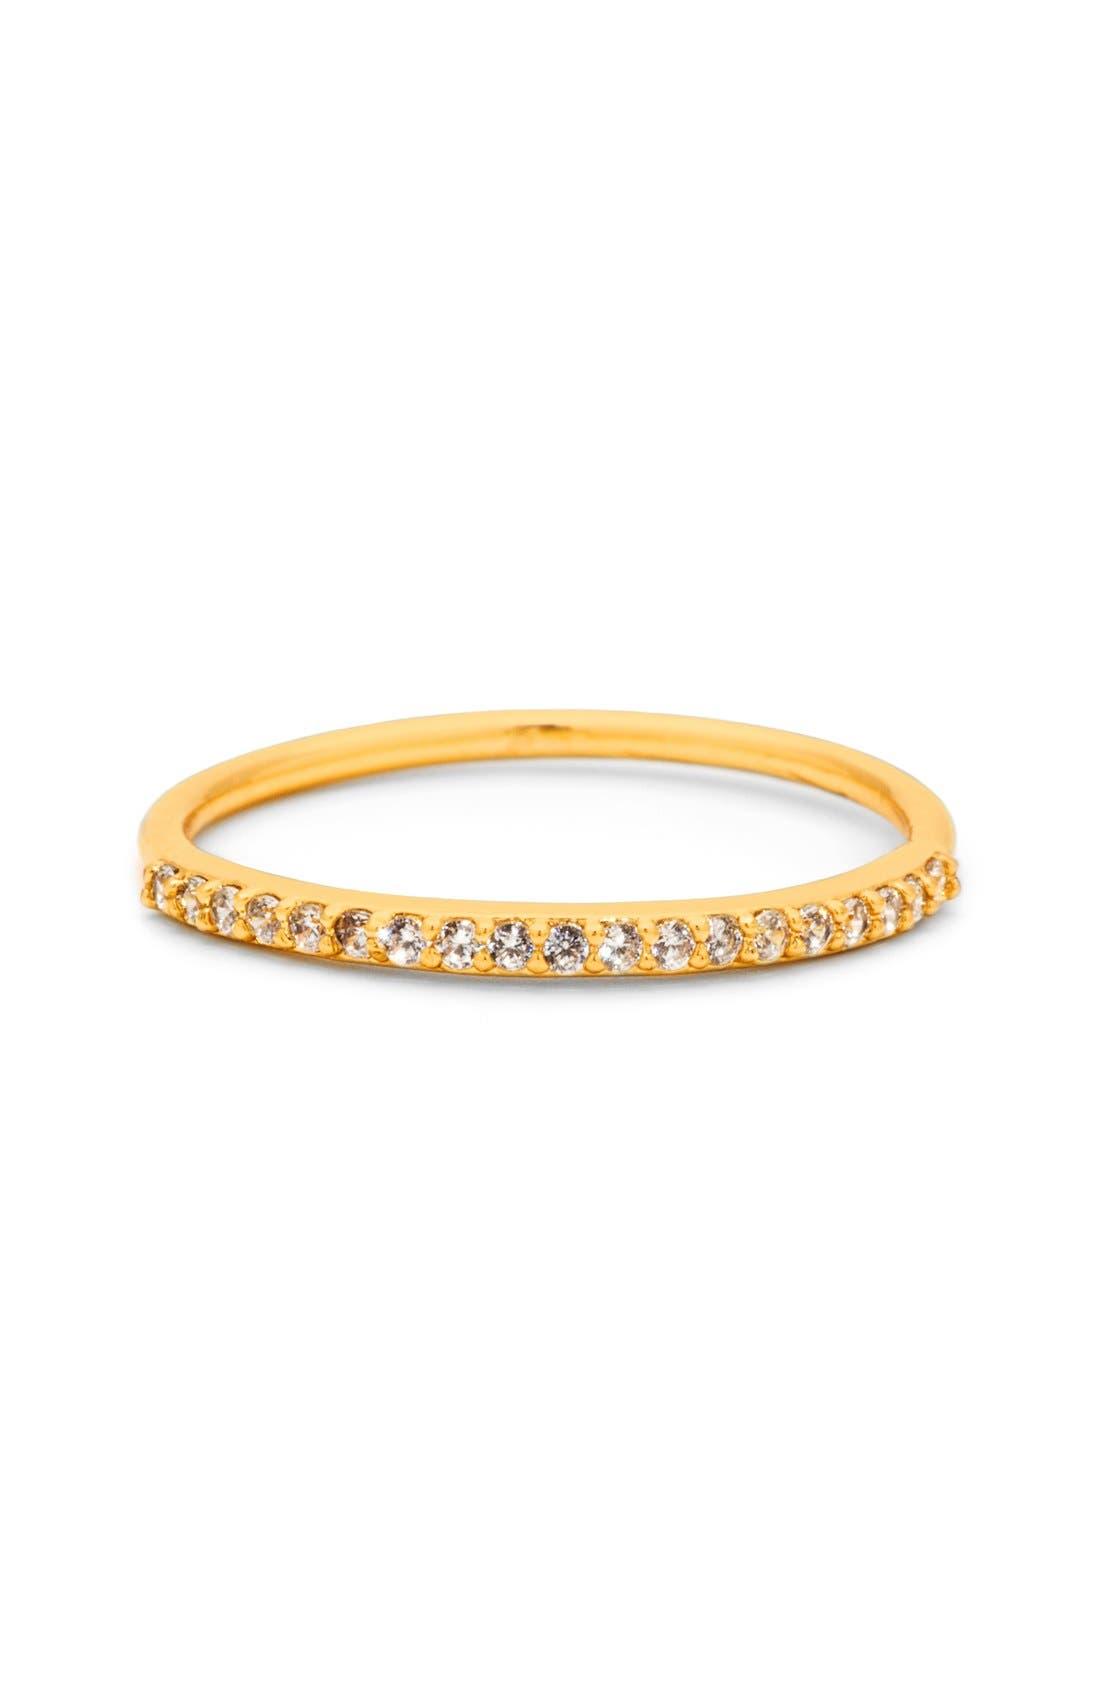 Main Image - gorjana Shimmer Bar Midi Ring